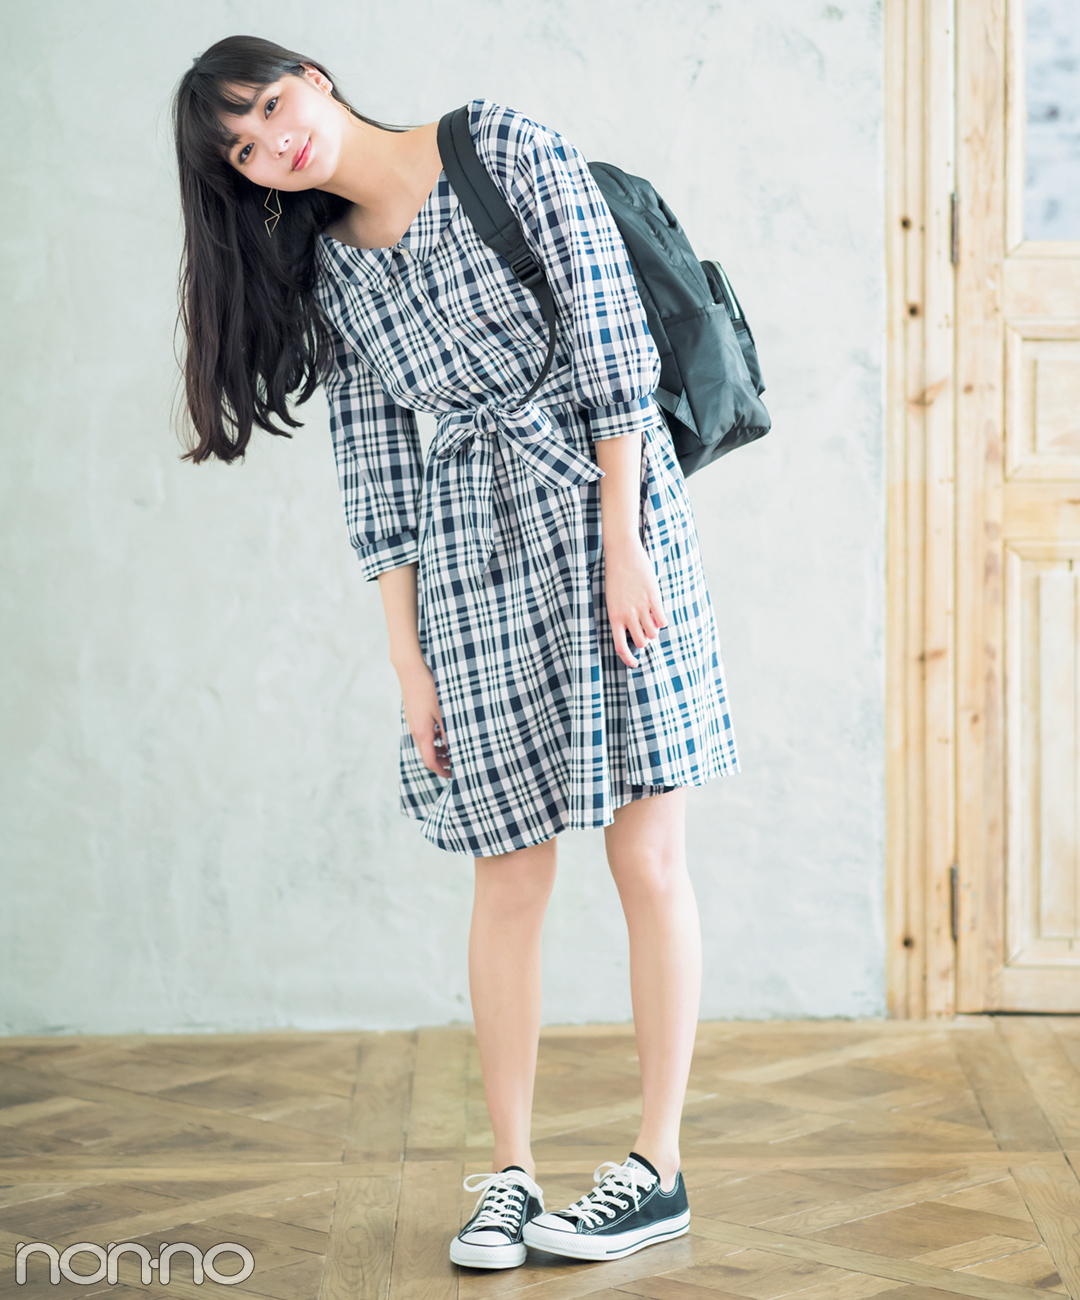 新川優愛の春っぽチェックワンピ♡ フェミ&カジコーデ3選!_1_1